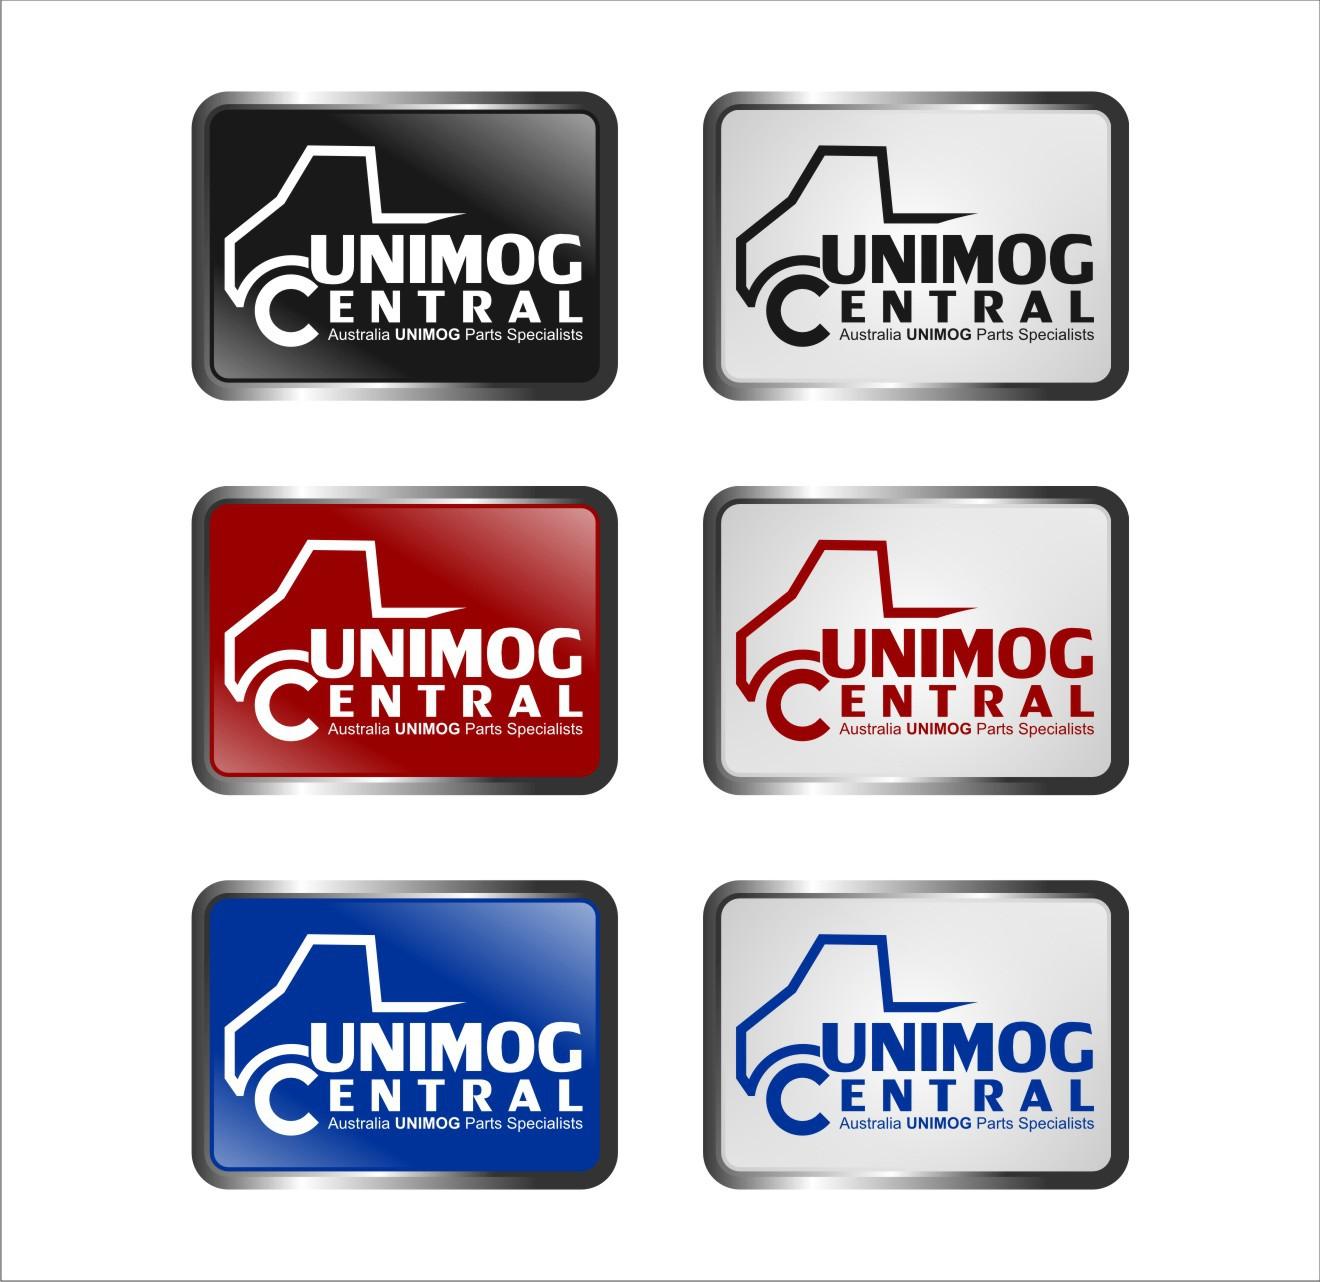 Unimog-Central needs a new logo